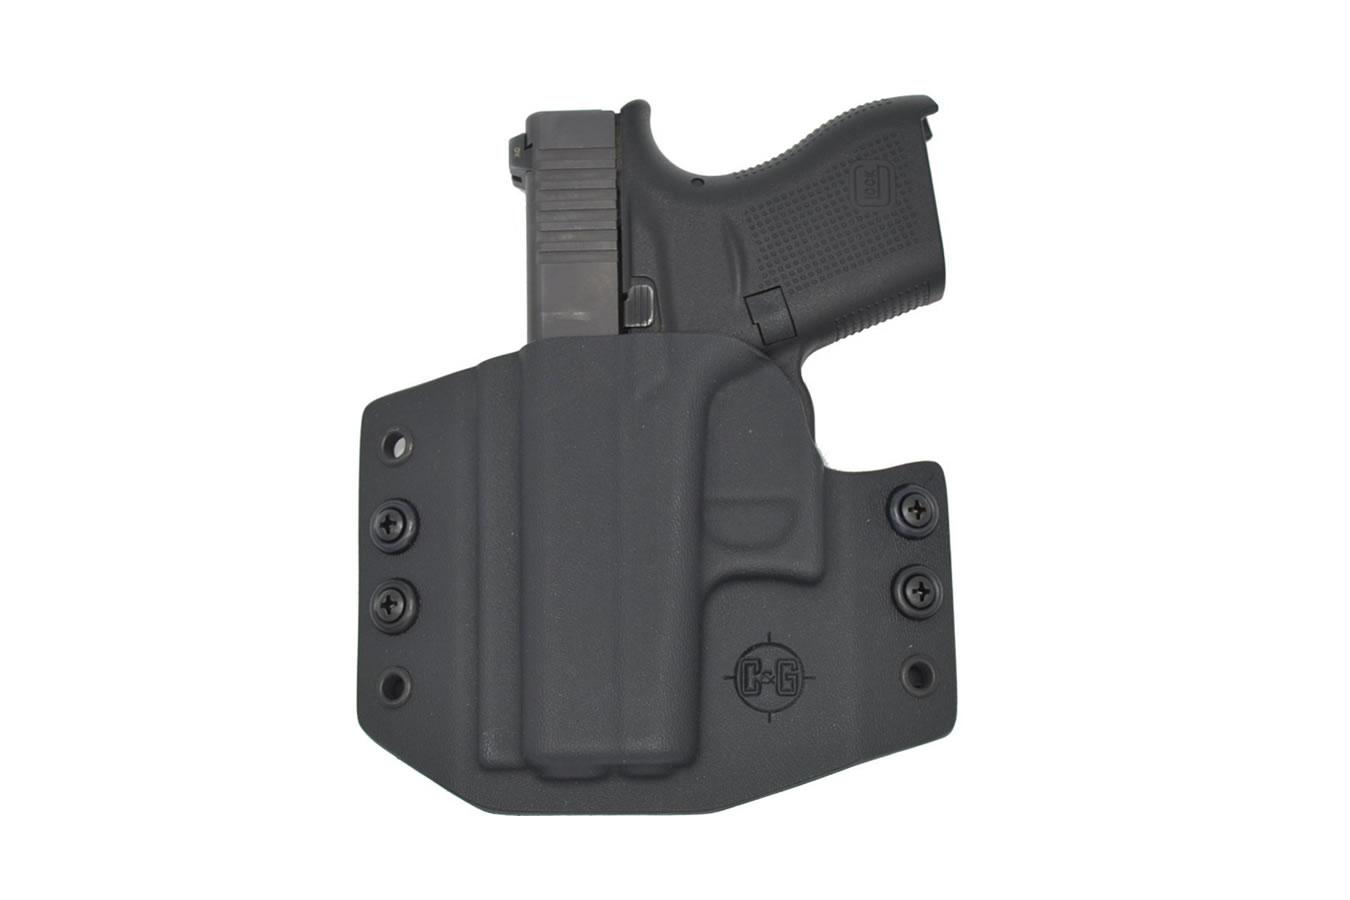 Glock 43 - OWB Covert Kydex Holster - Left Handed